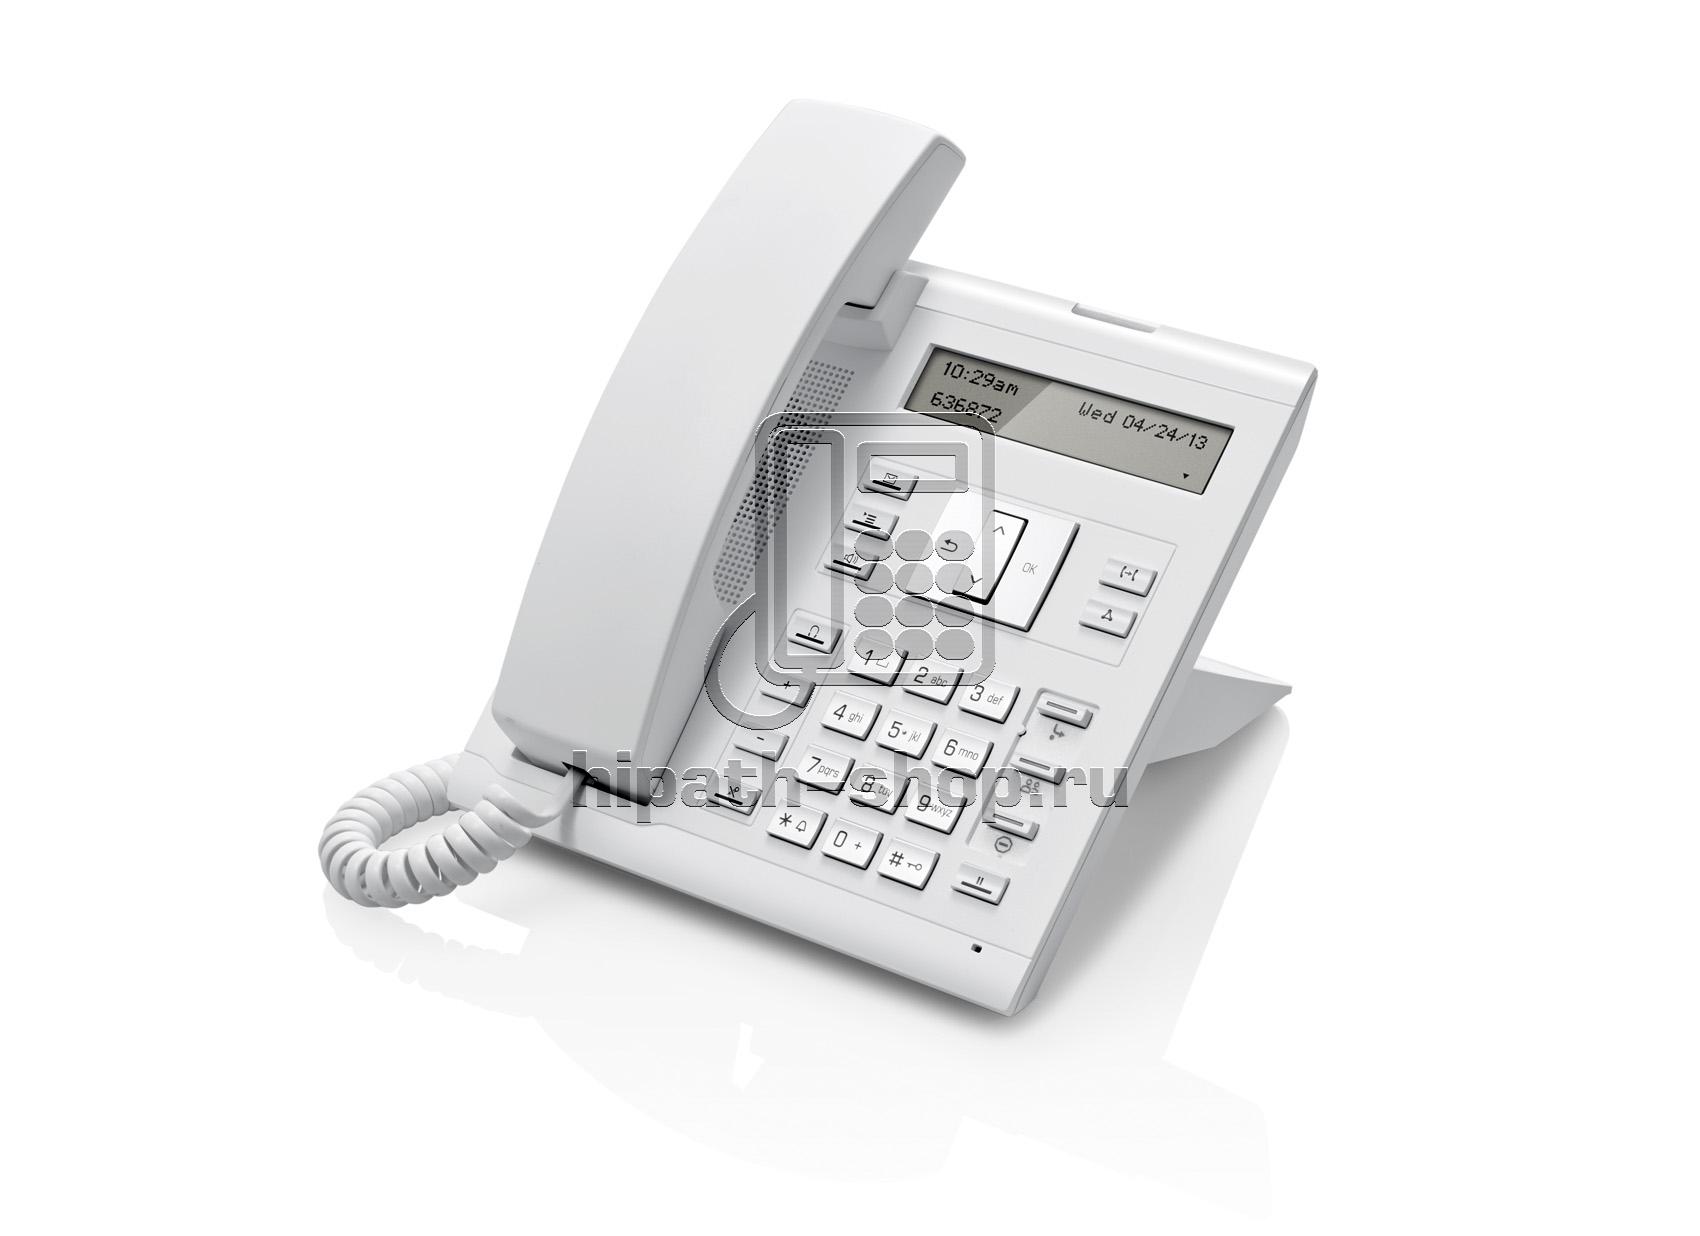 Инструкция По Настройки Электронной Почты На Телефон